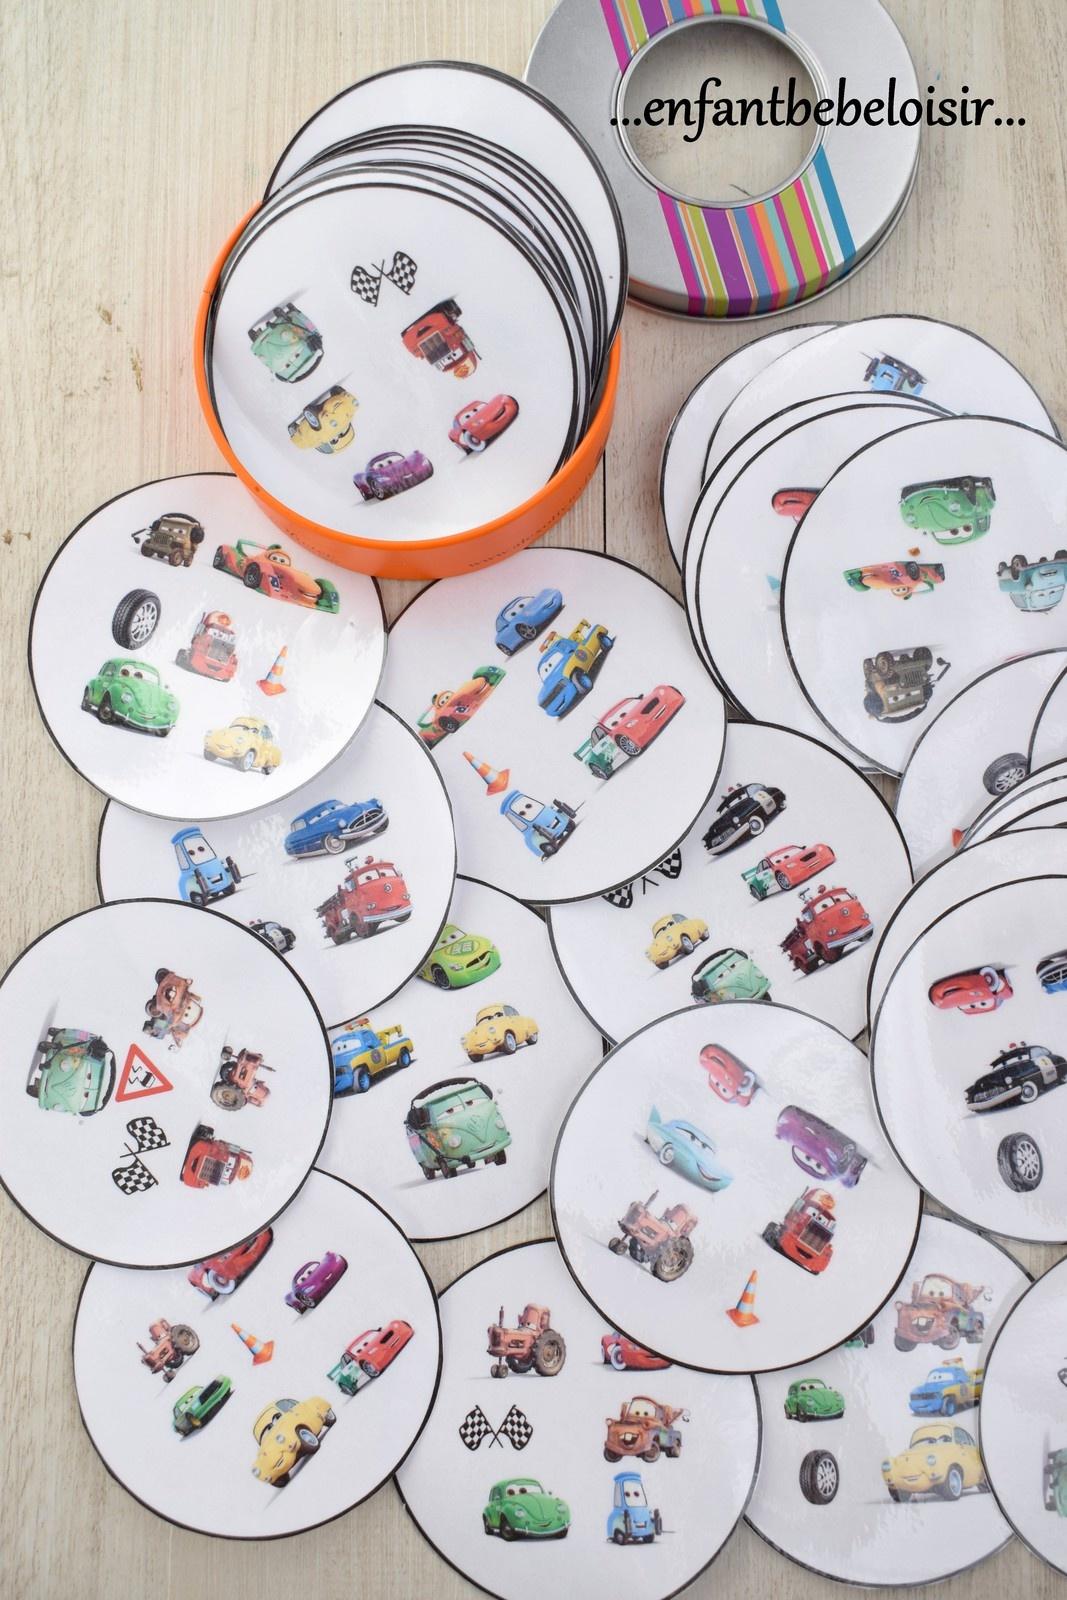 Jeu Dobble Cars Pixar À Imprimer - Gratuit - Enfant Bébé Loisir tout Jeux À Imprimer 3 Ans